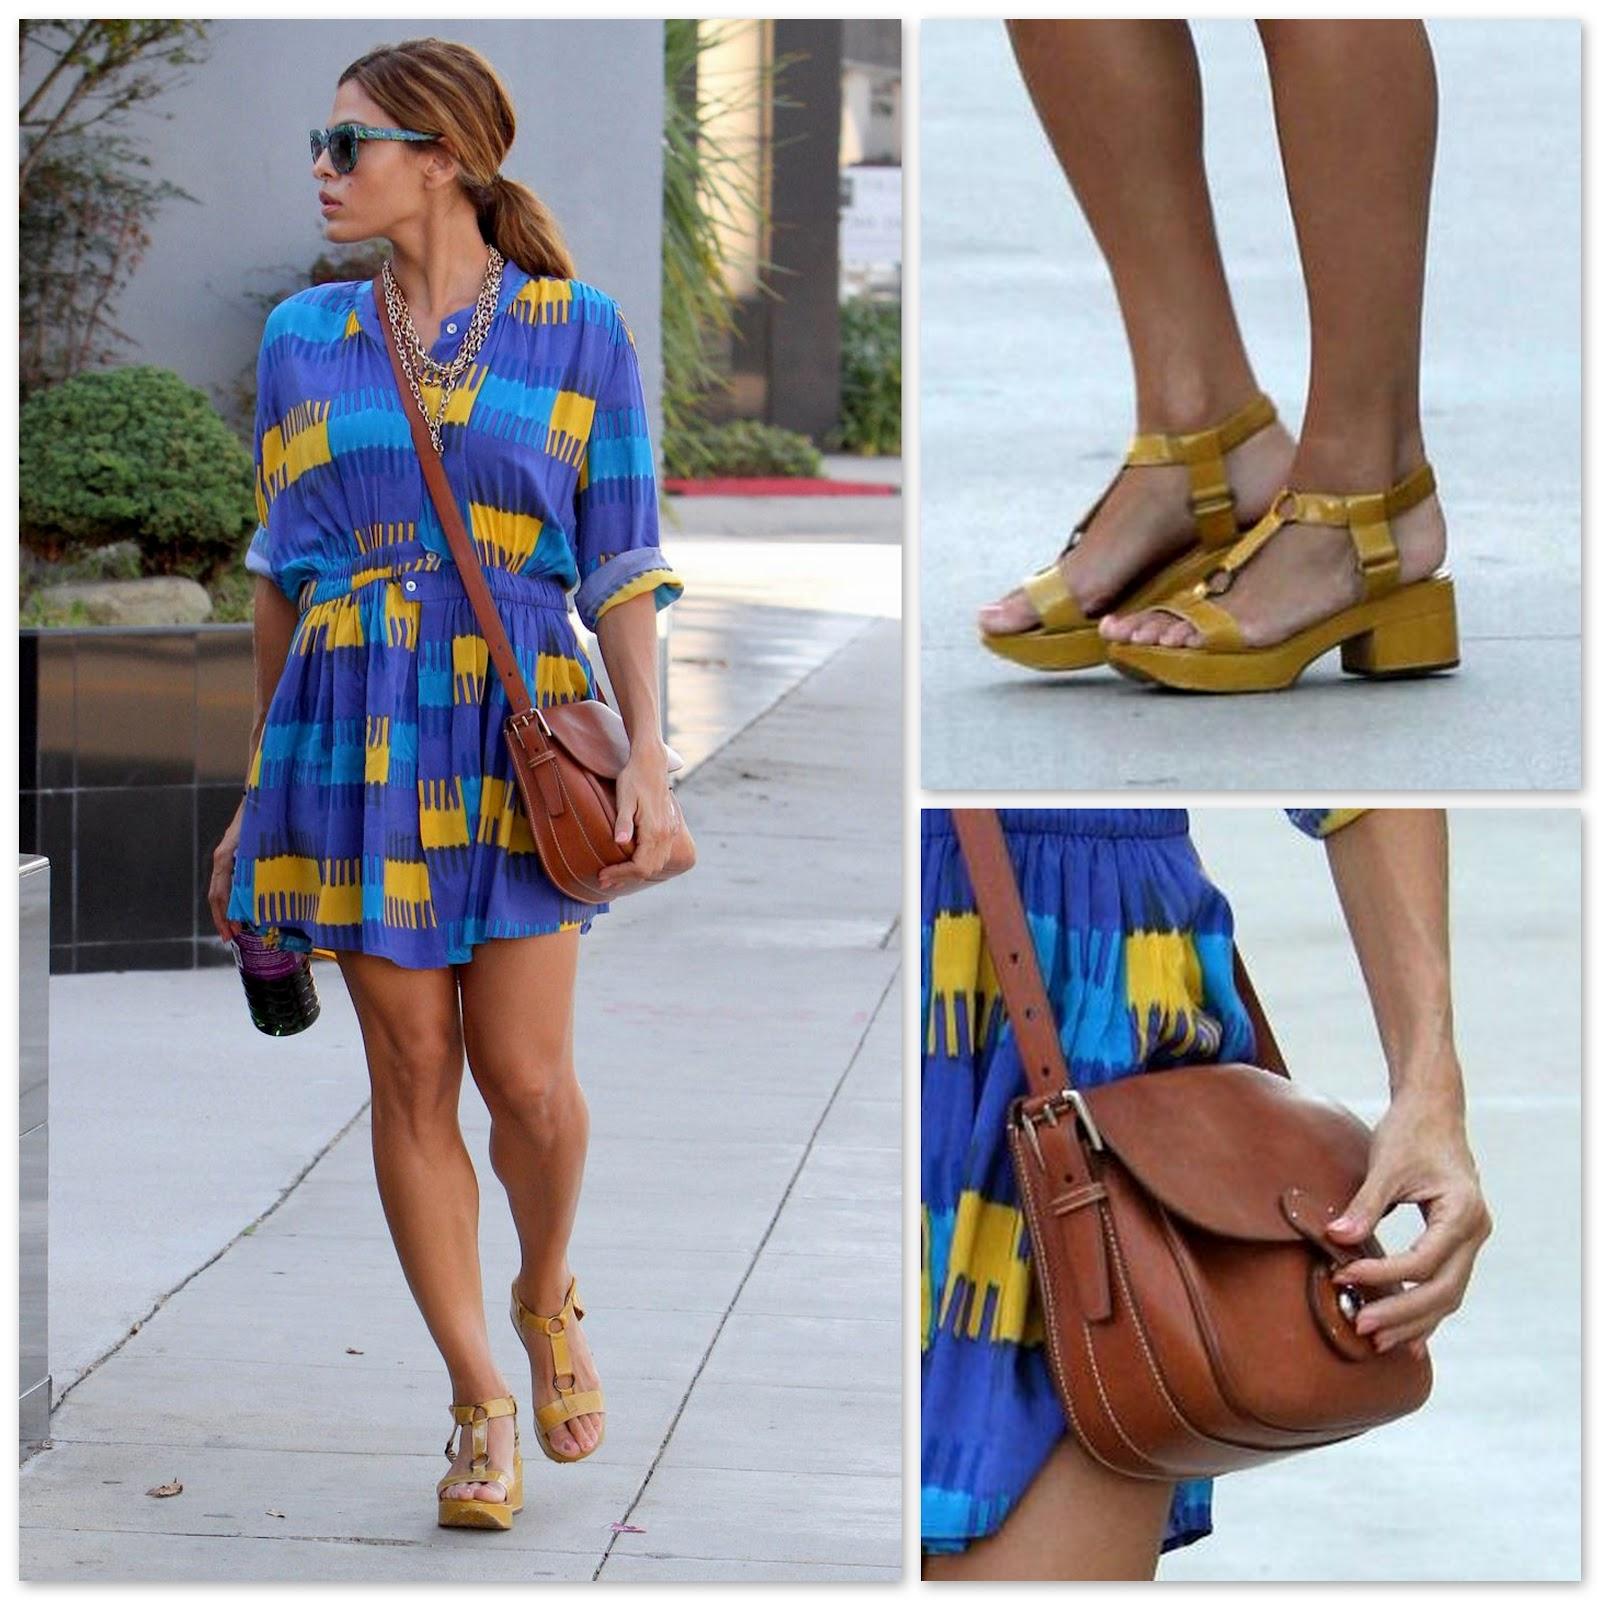 http://2.bp.blogspot.com/-VaZqNmAhJO4/UDeaDoYHOwI/AAAAAAAAHqI/LNZSC78Ve2E/s1600/best+dressed.jpg